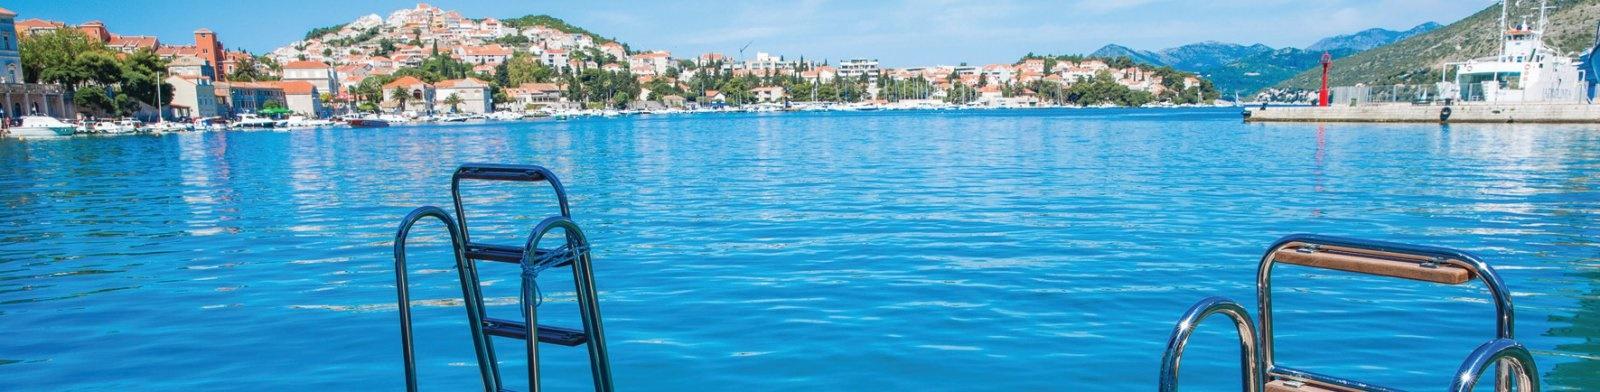 Luxury Cruise Holidays